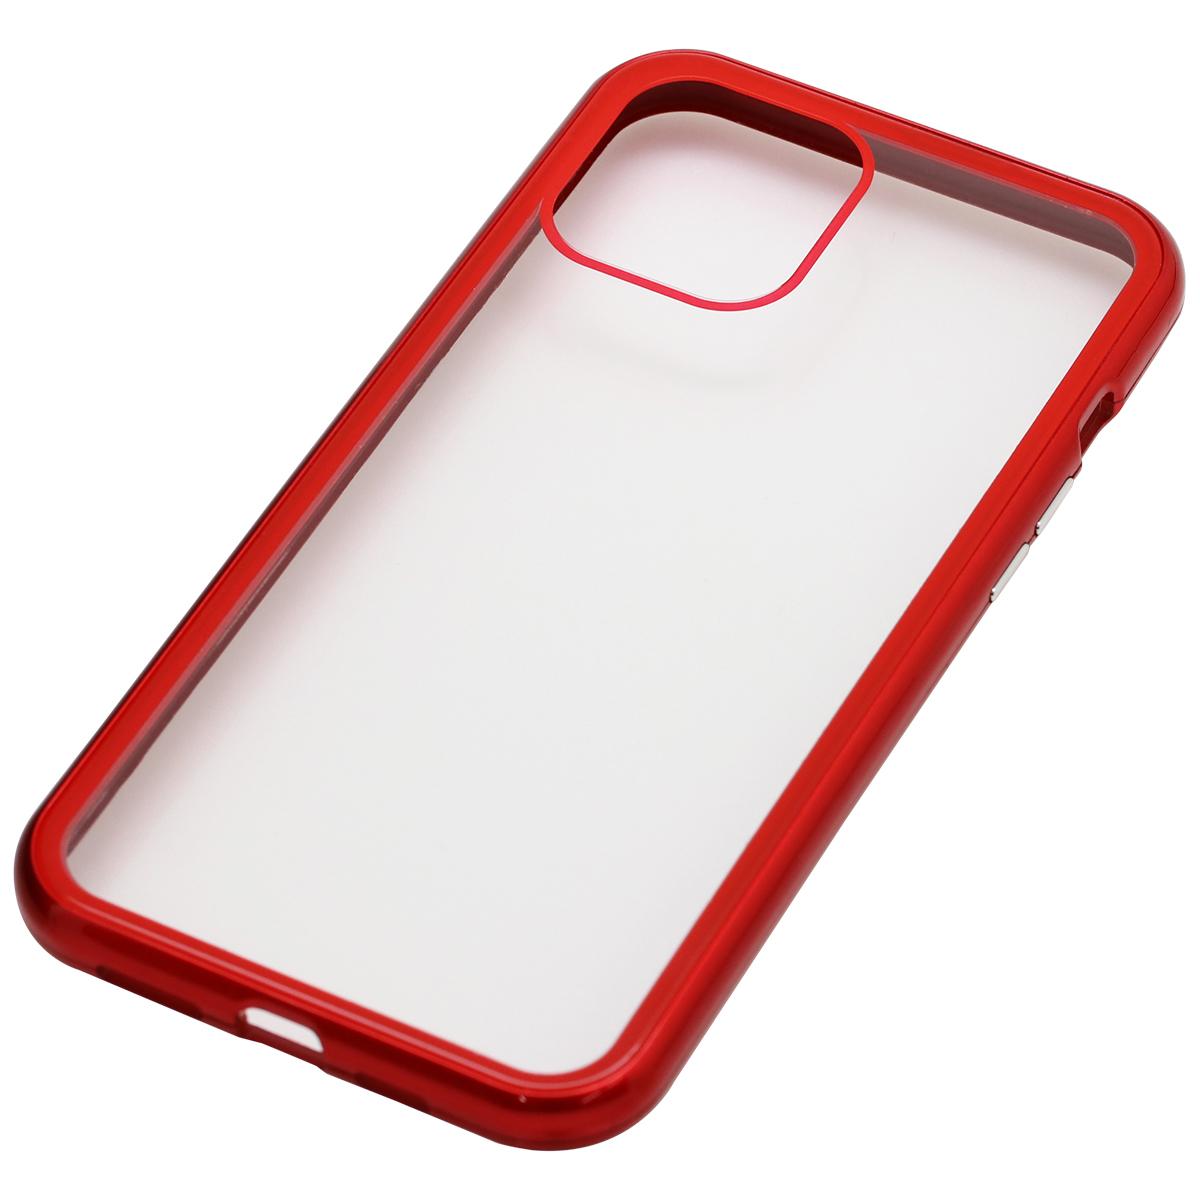 iPhone 12 Pro Max用マグネットPCバンパーケース